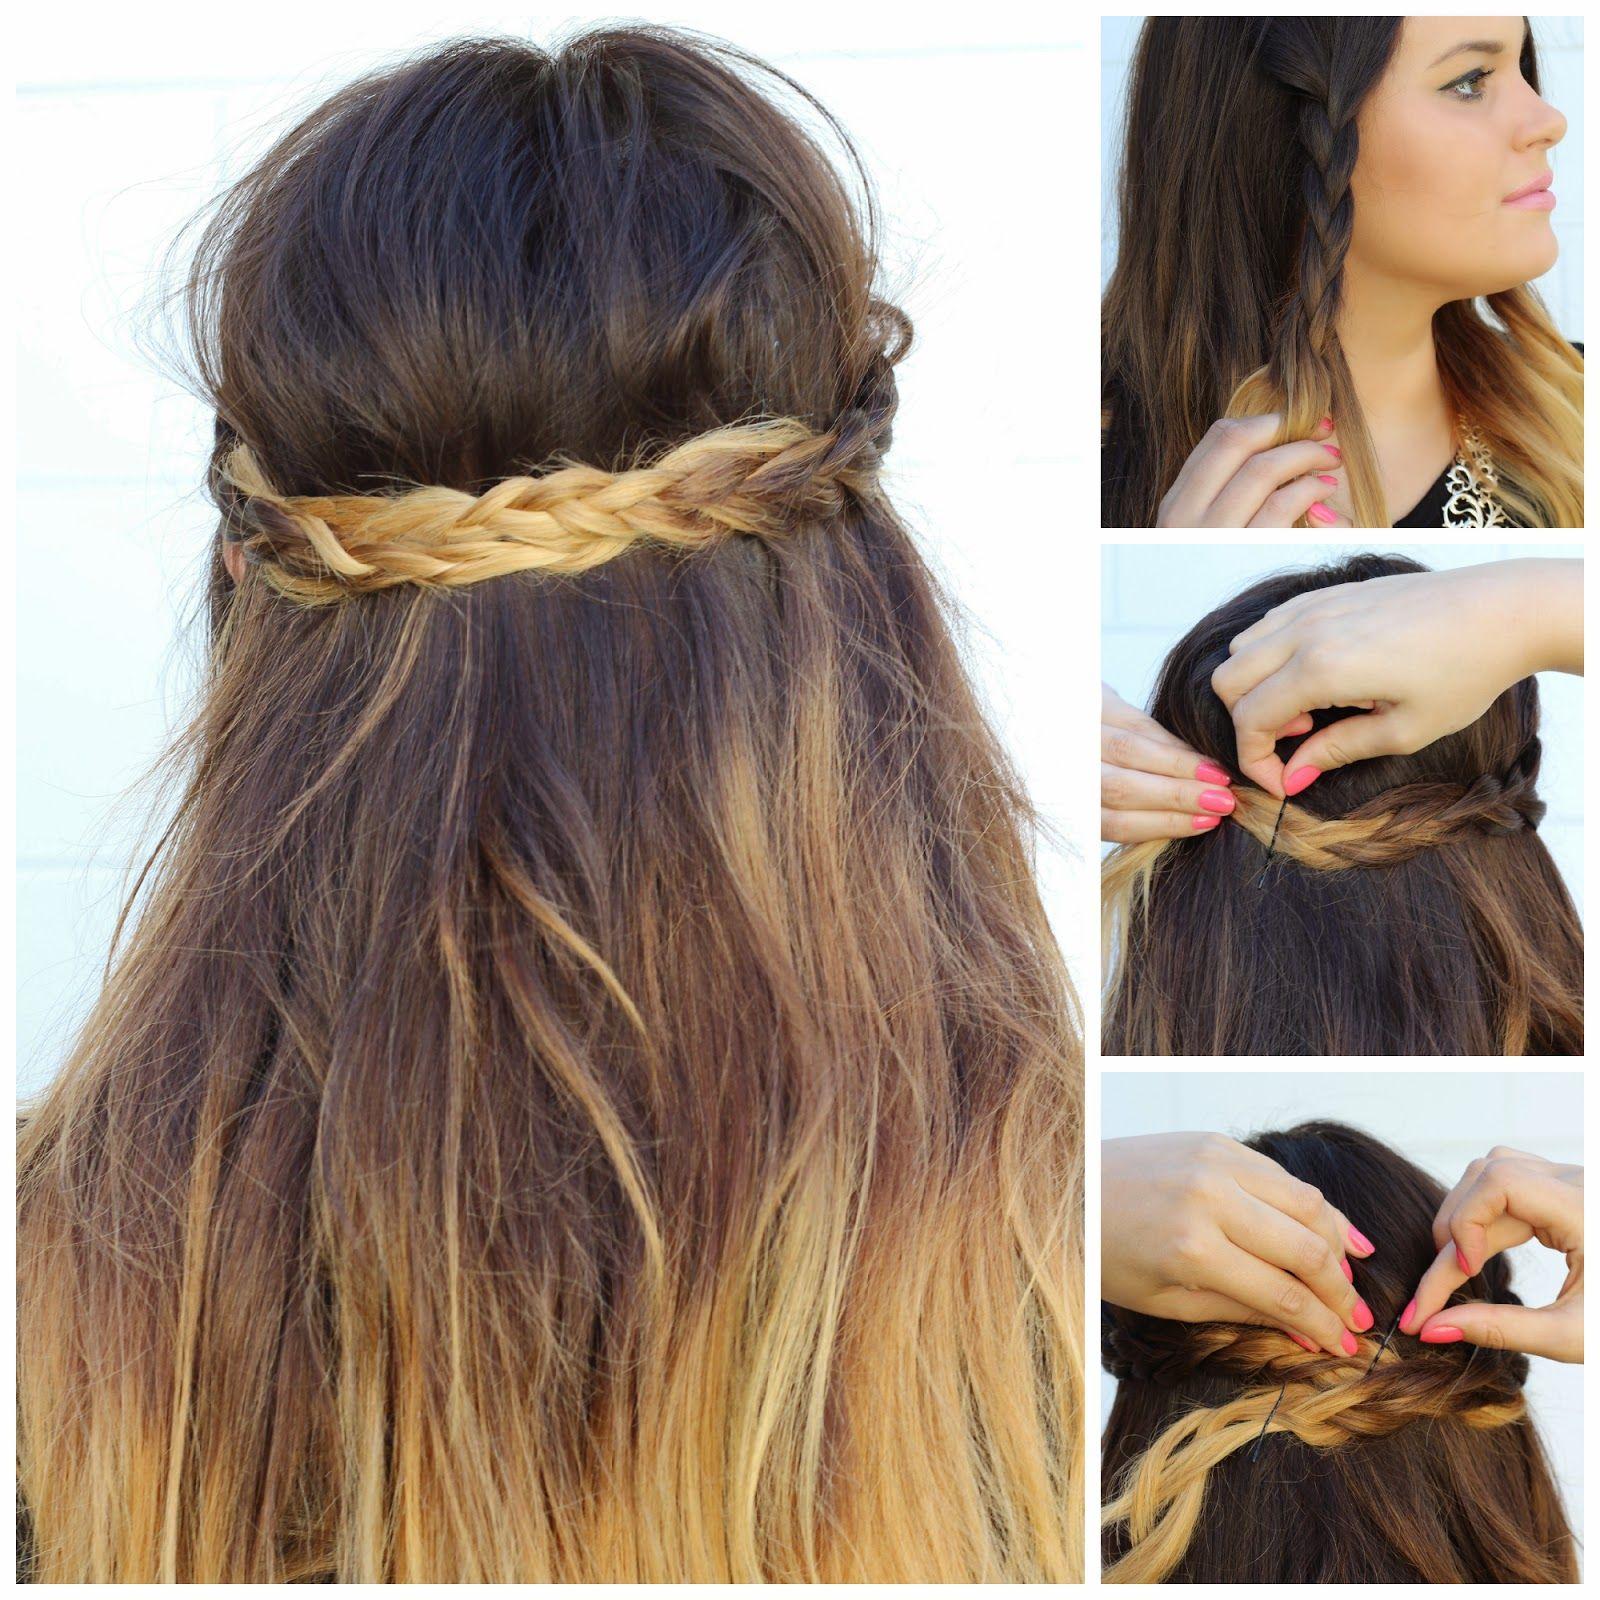 Flirty feline hair tutorial 3 step braided hairstyles my secret flirty feline hair tutorial 3 step braided hairstyles my secret to silky smooth baditri Choice Image